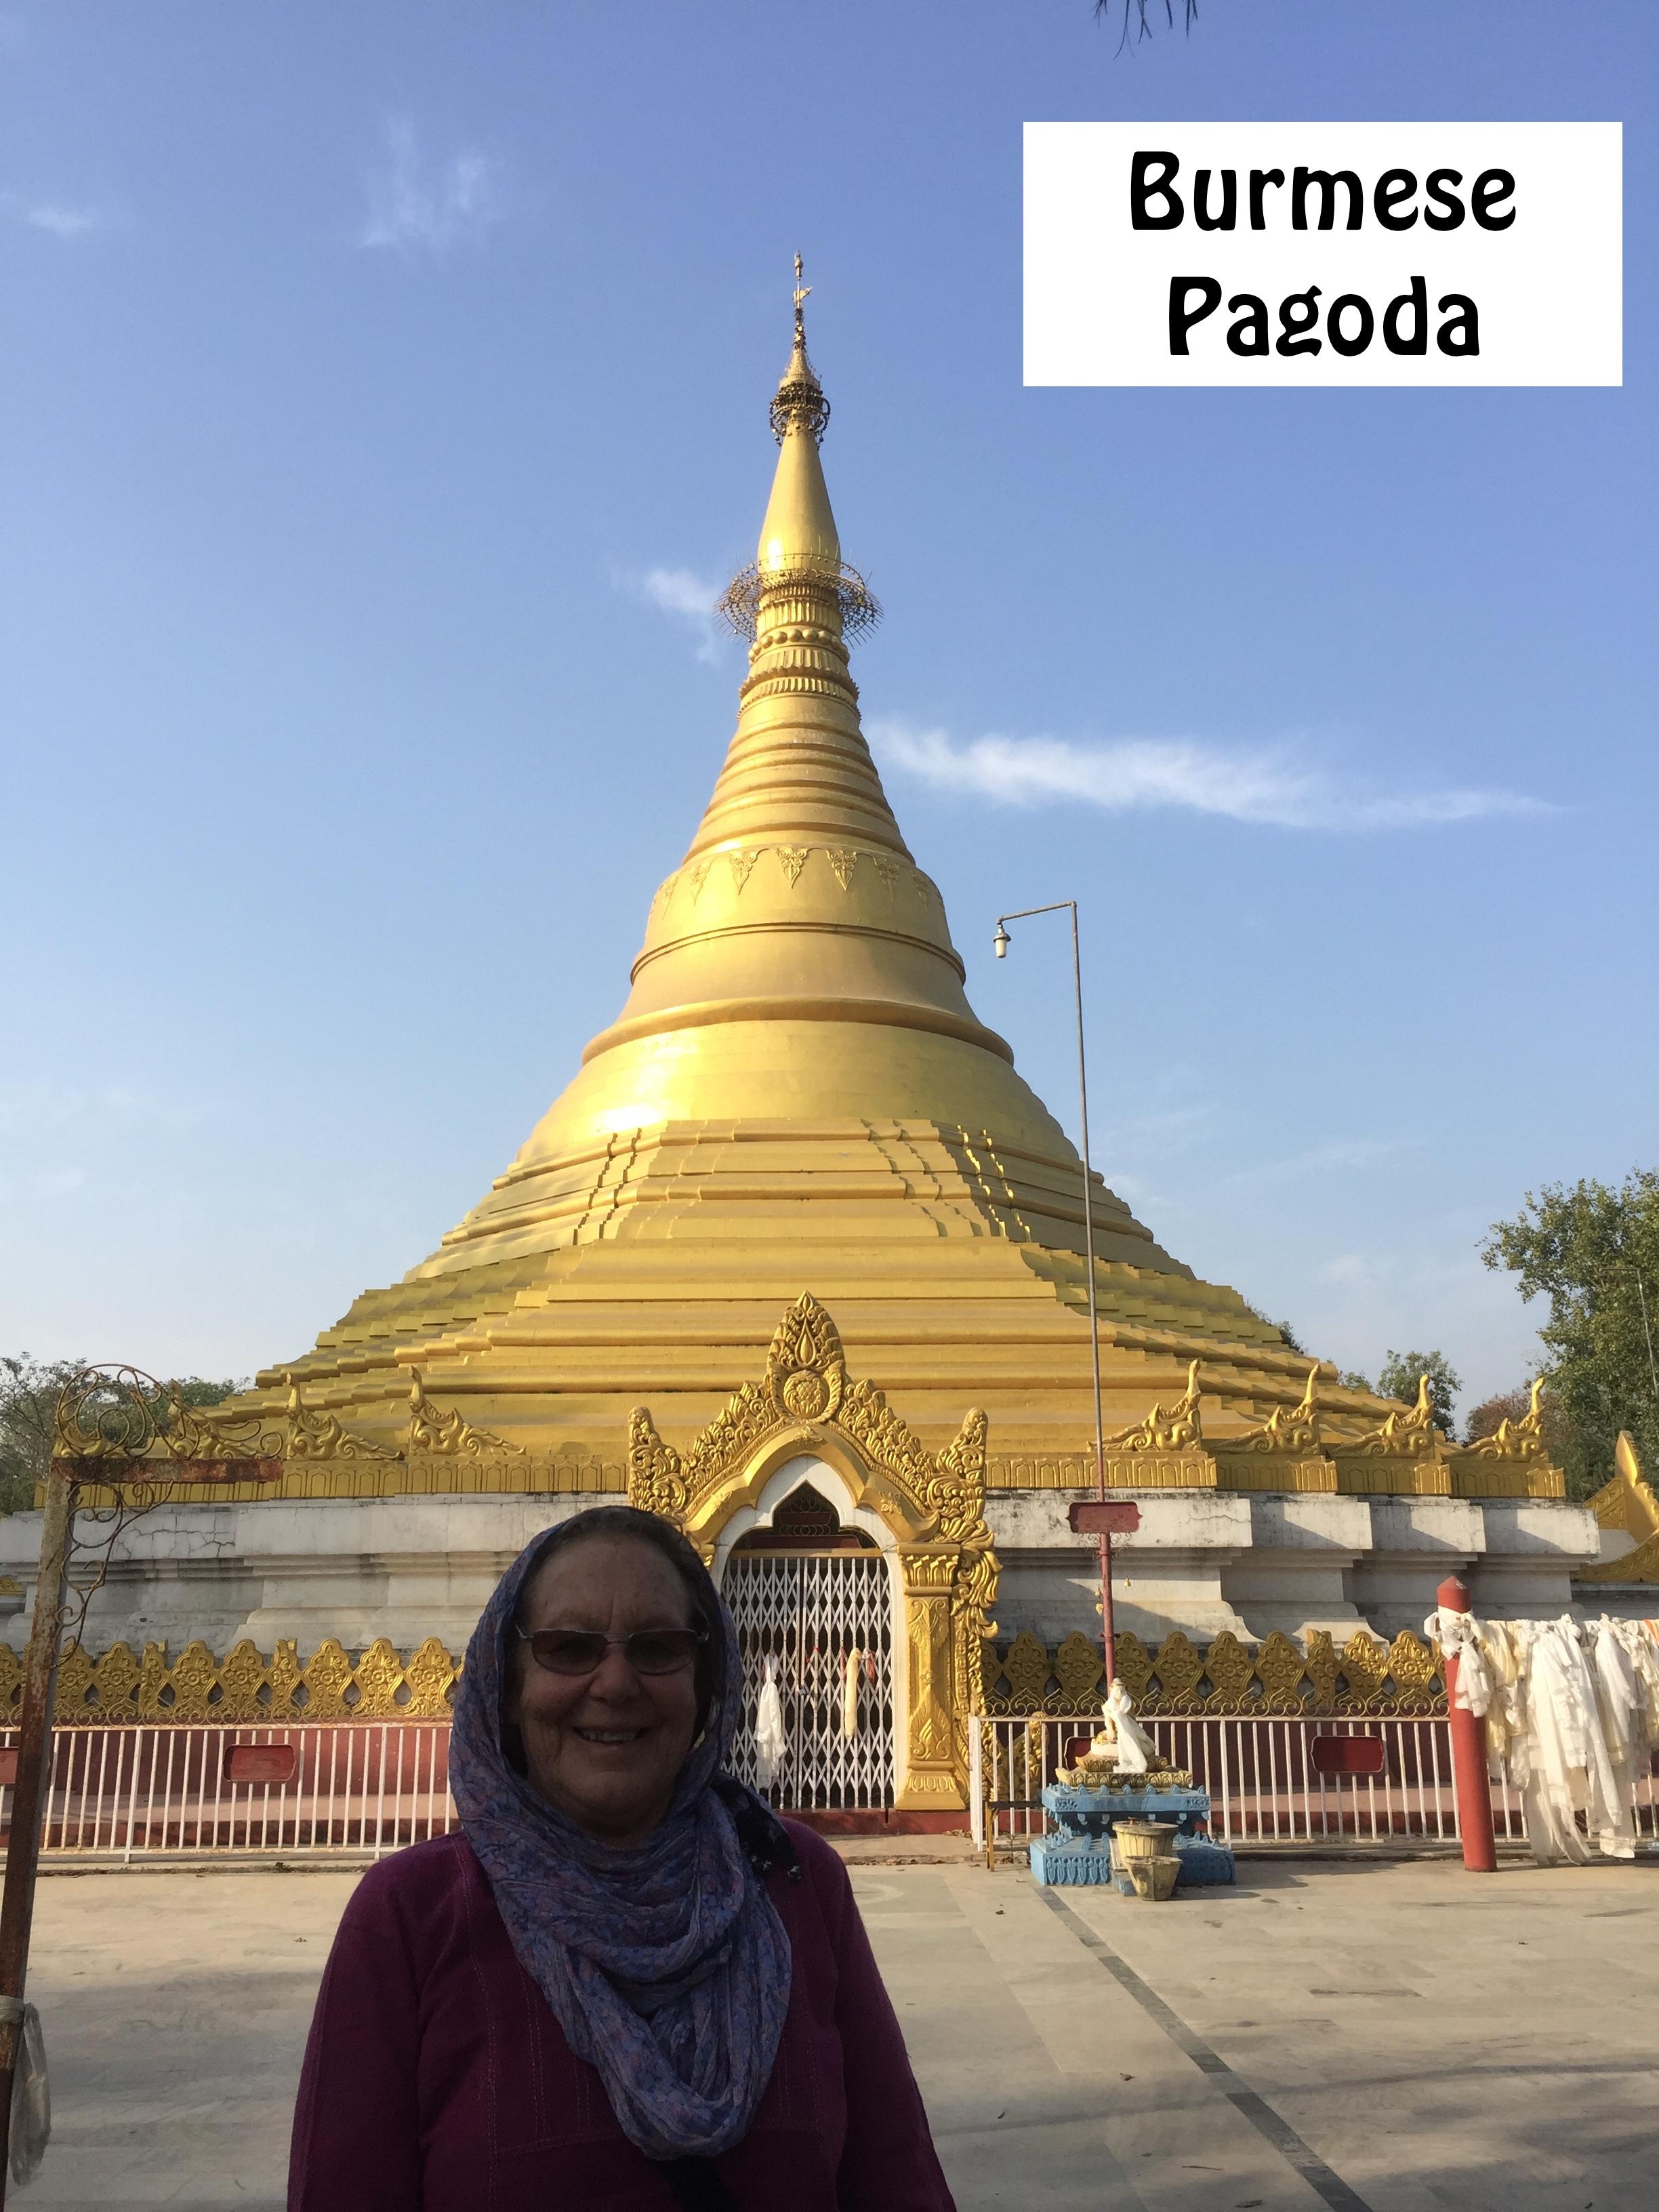 Burmese Pagoda Lumbini